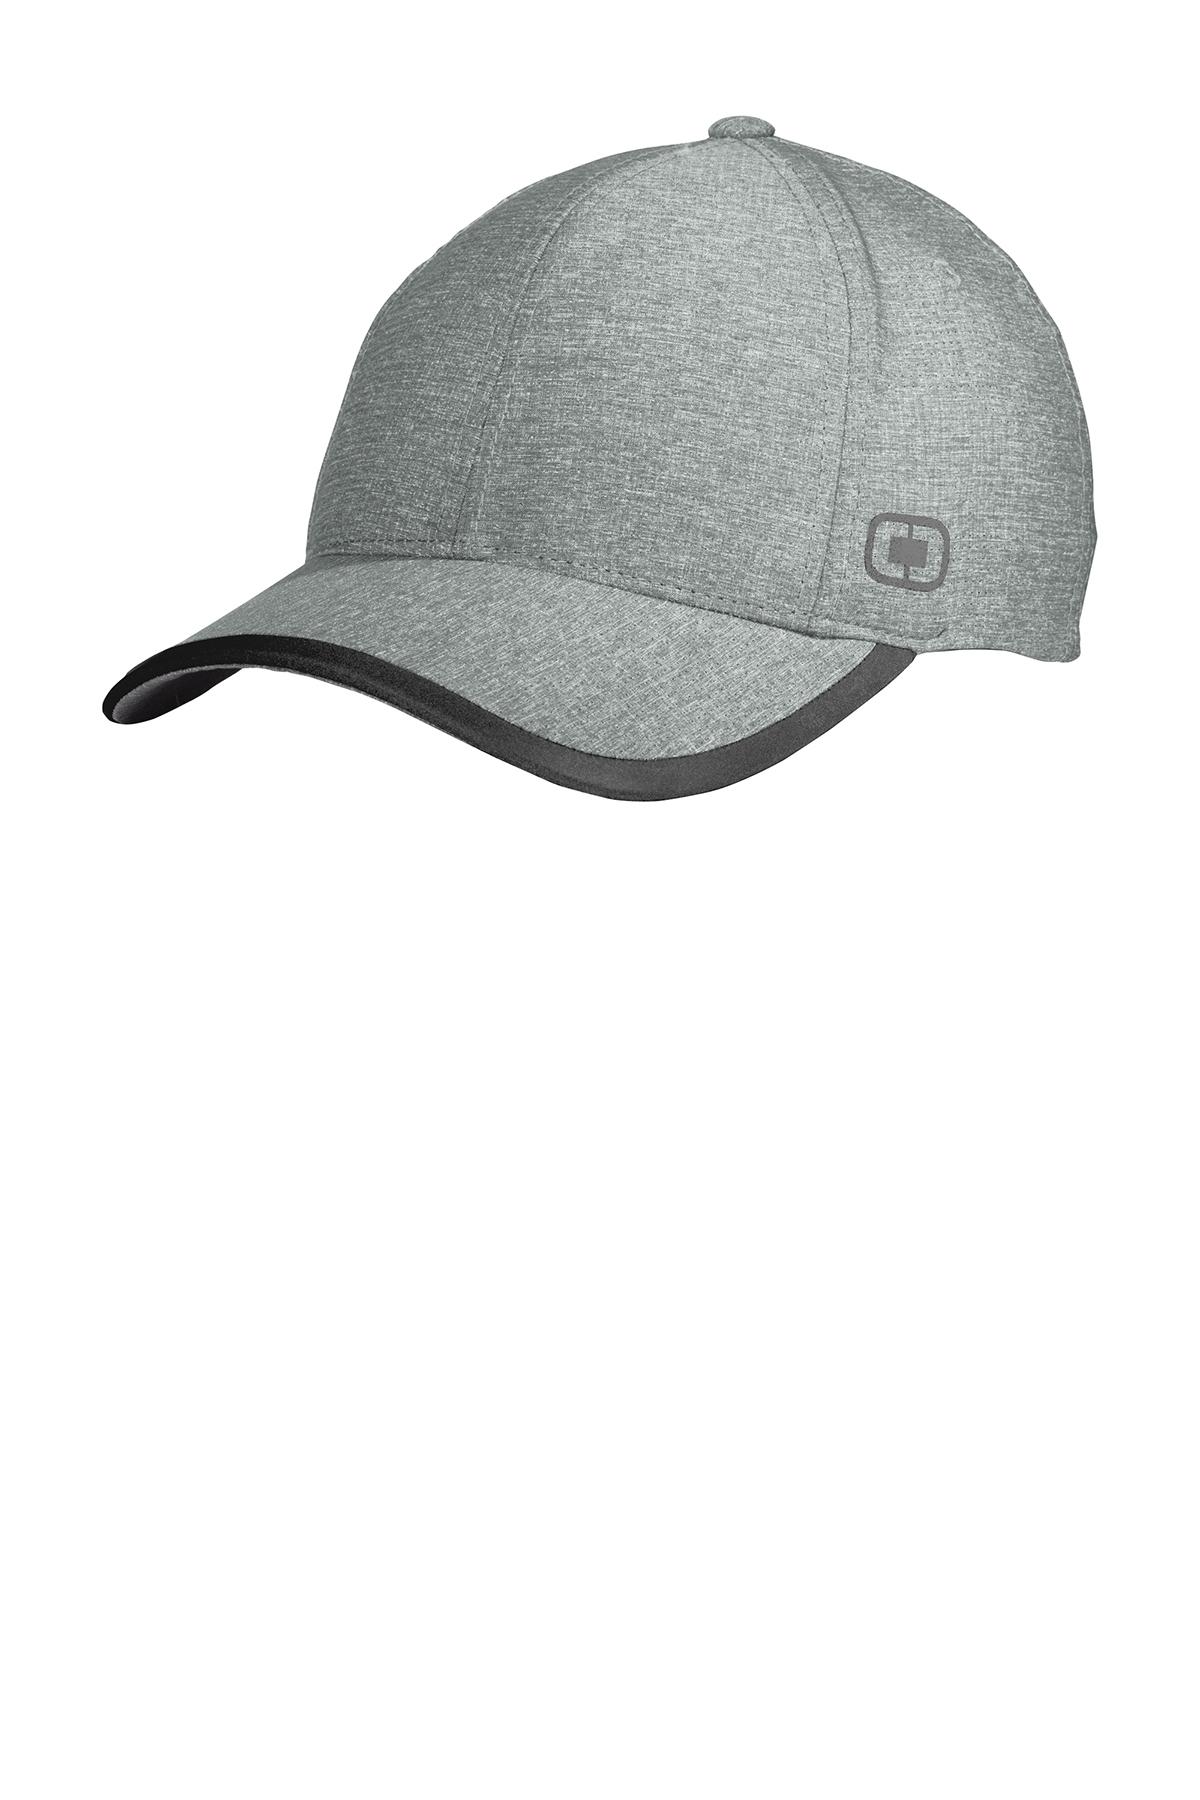 OGIO OG601 - Flux Cap